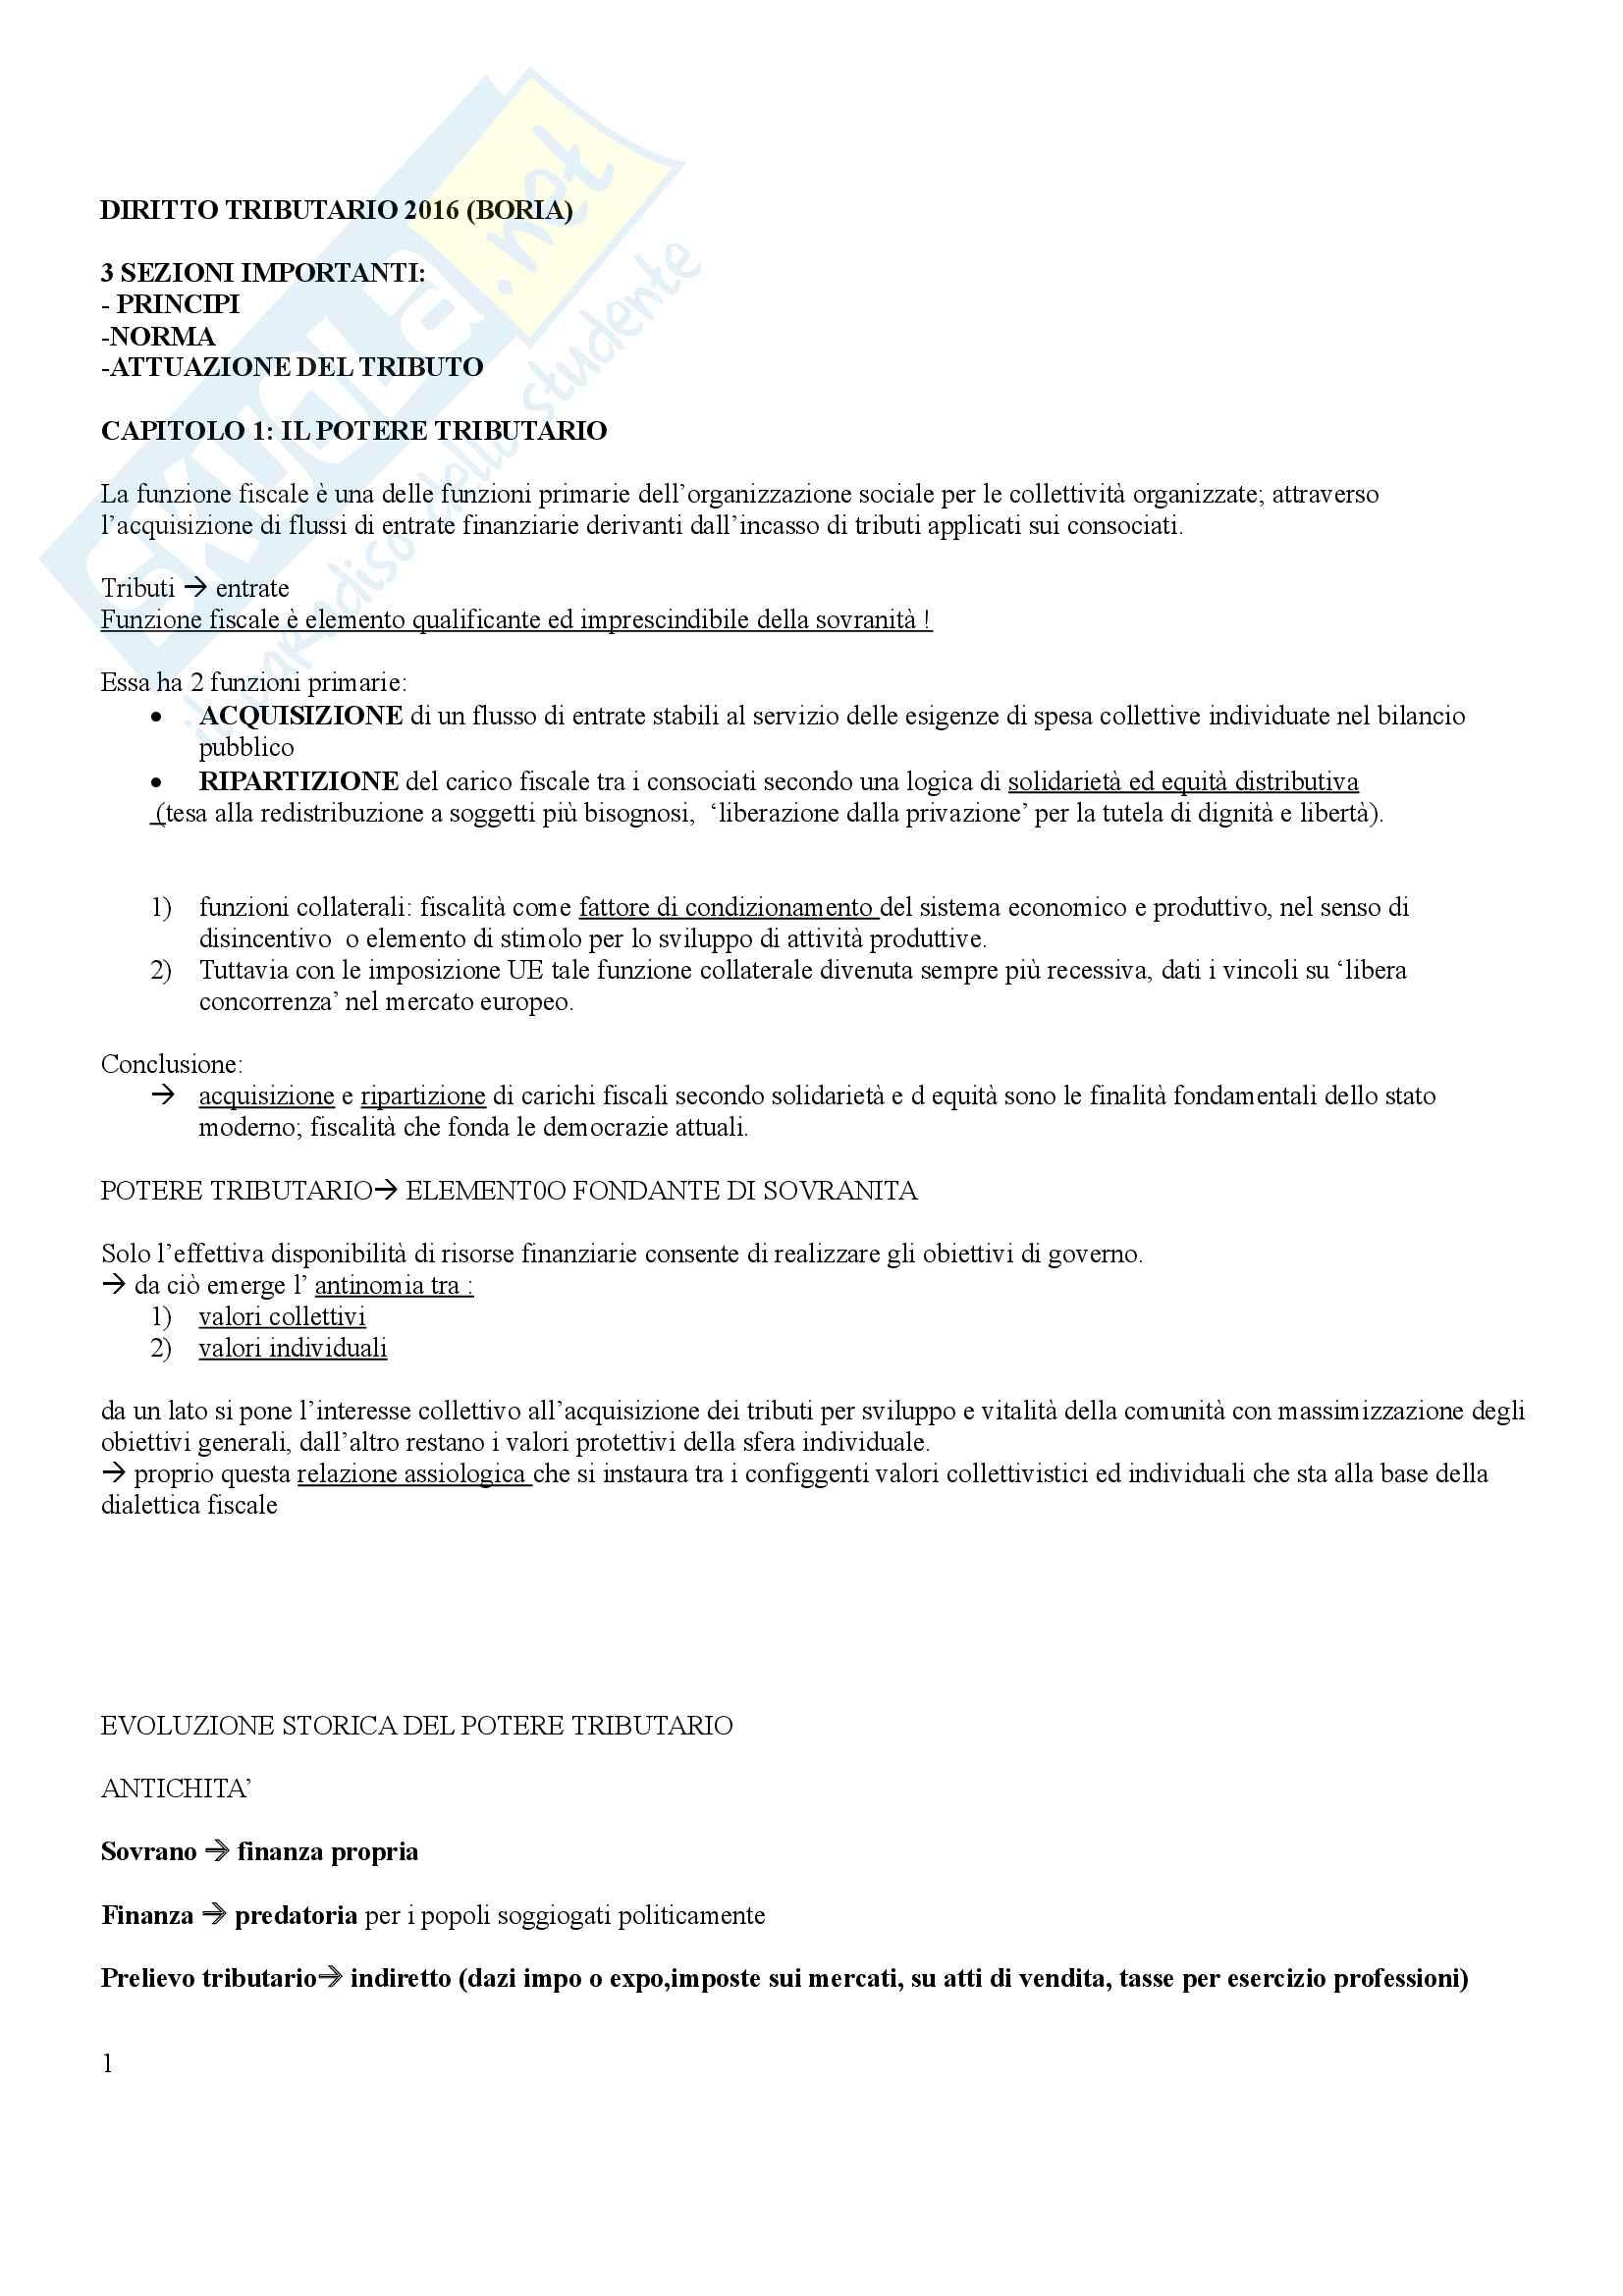 appunto P. Boria diritto tributario